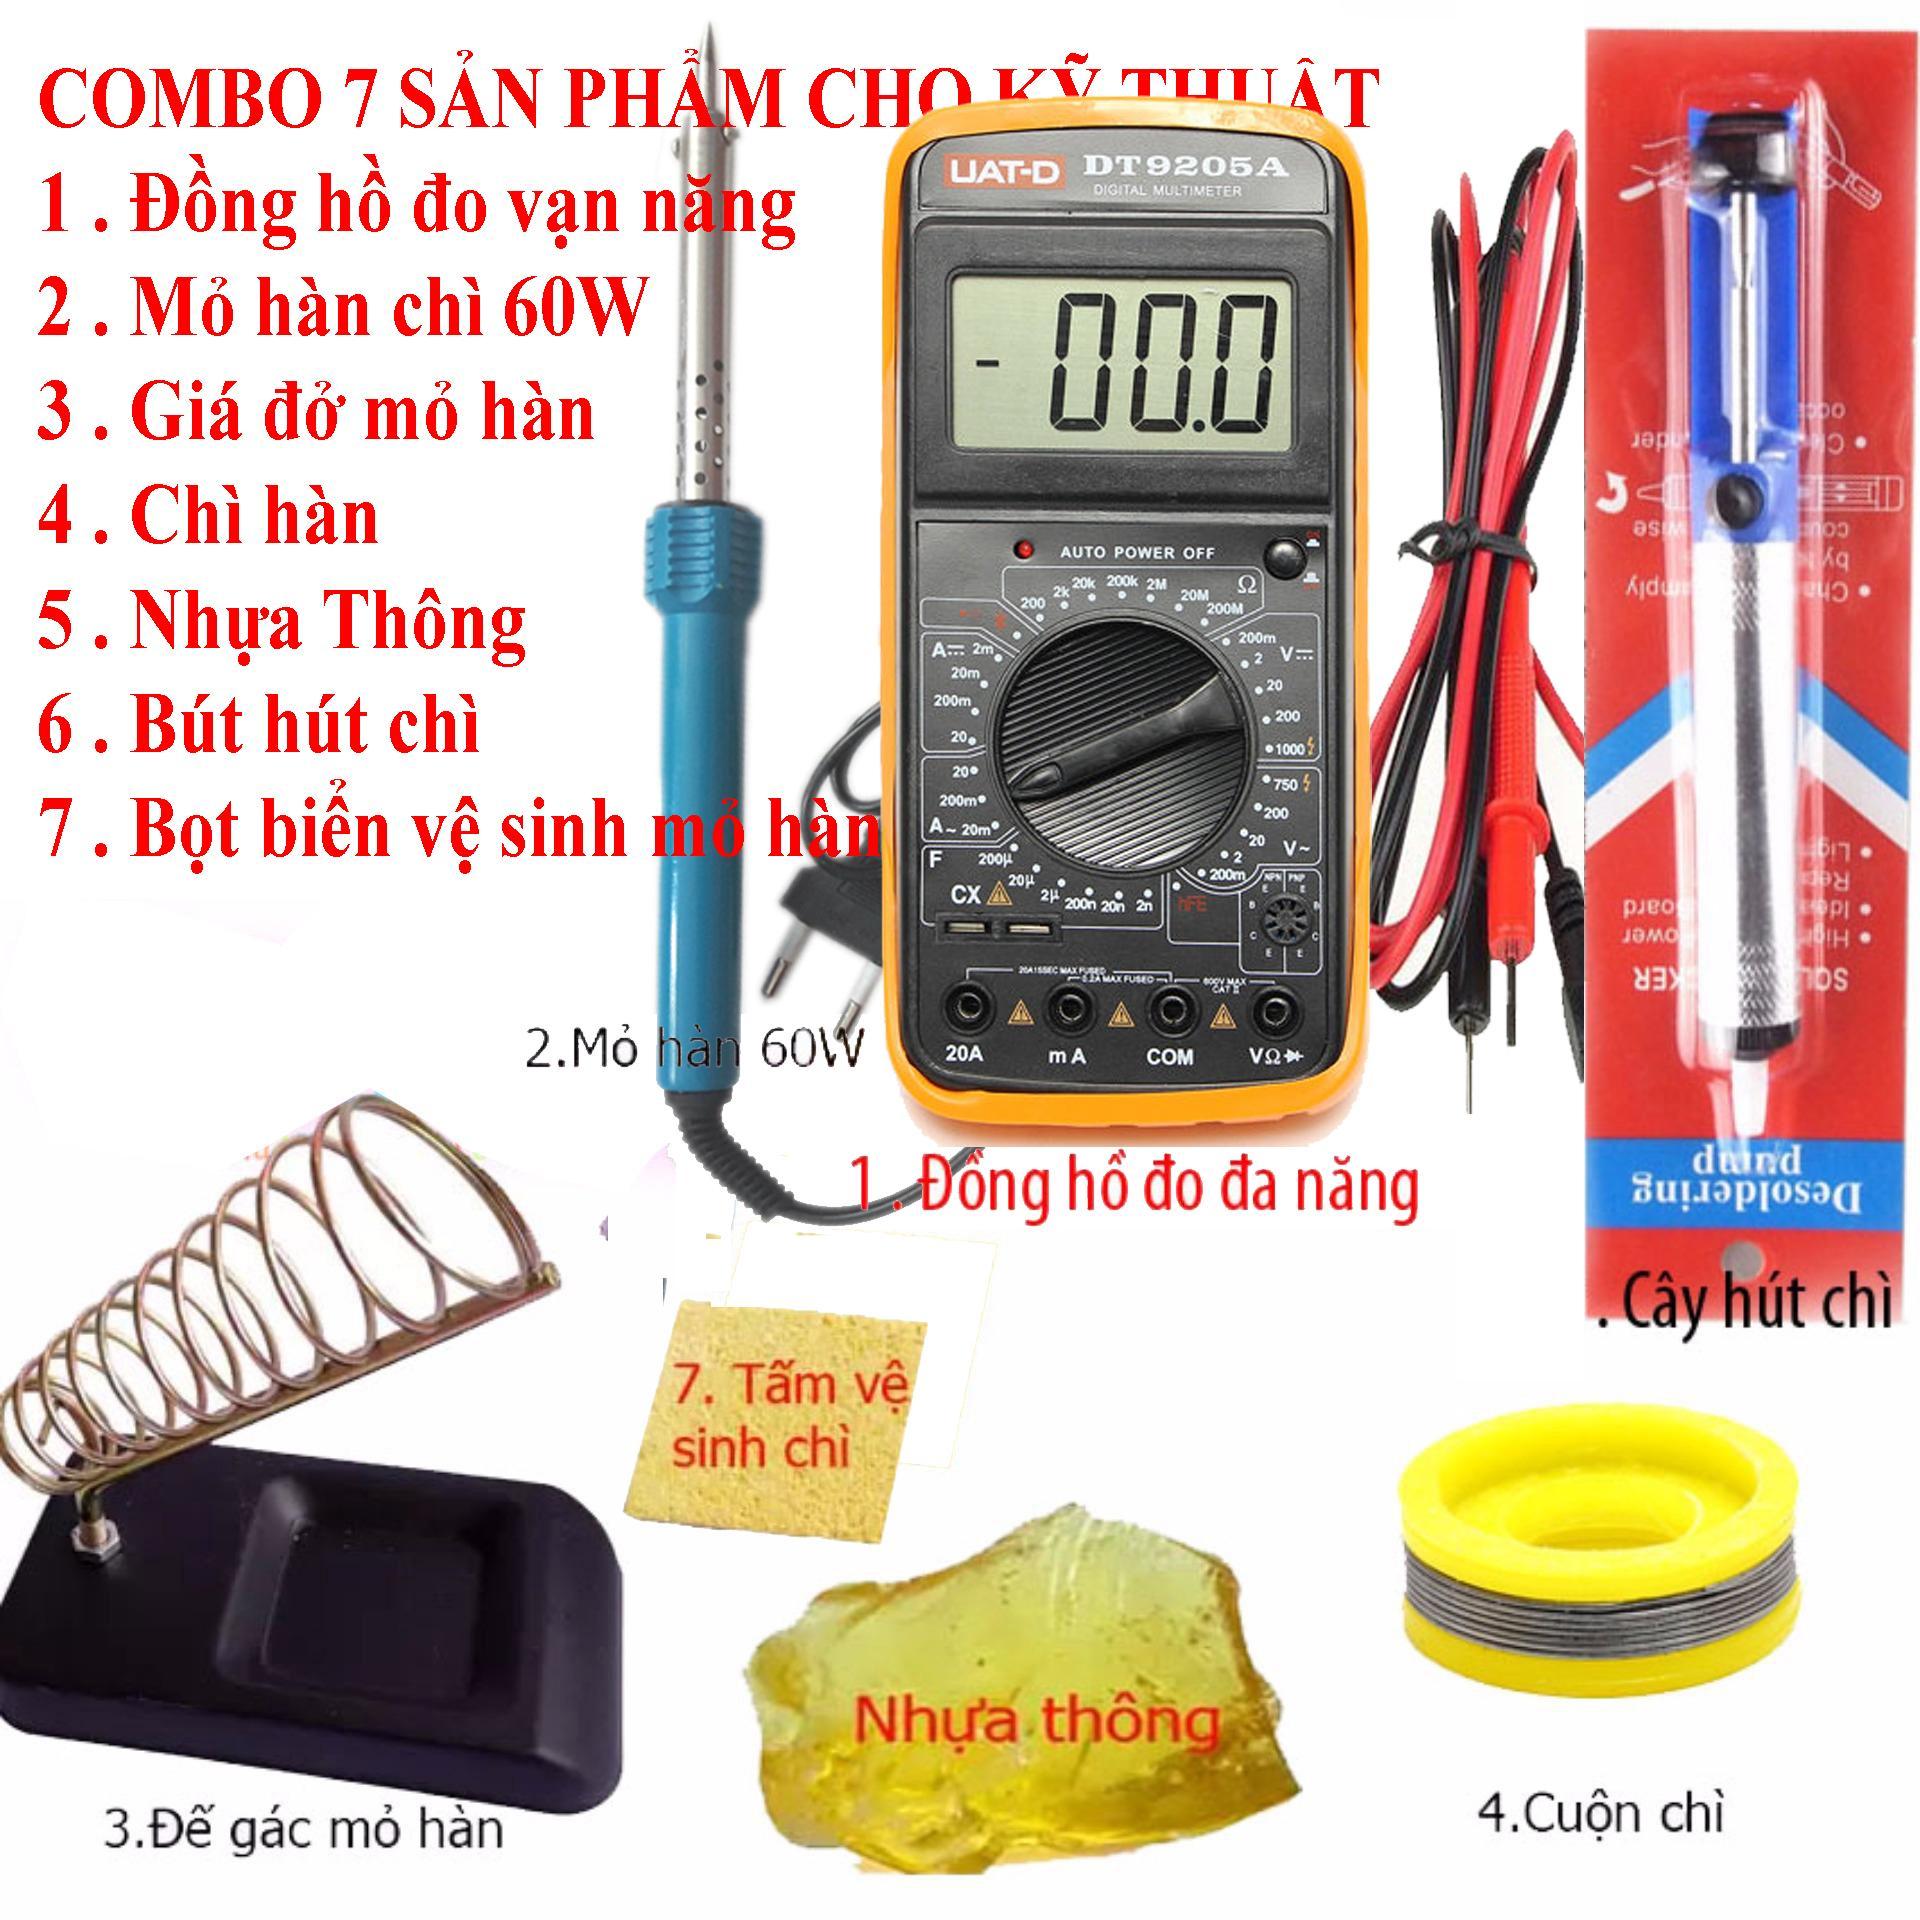 Đồng hồ đo vạn năng Digital UAT-D DT9205A và 6 món kỹ thuật hàn